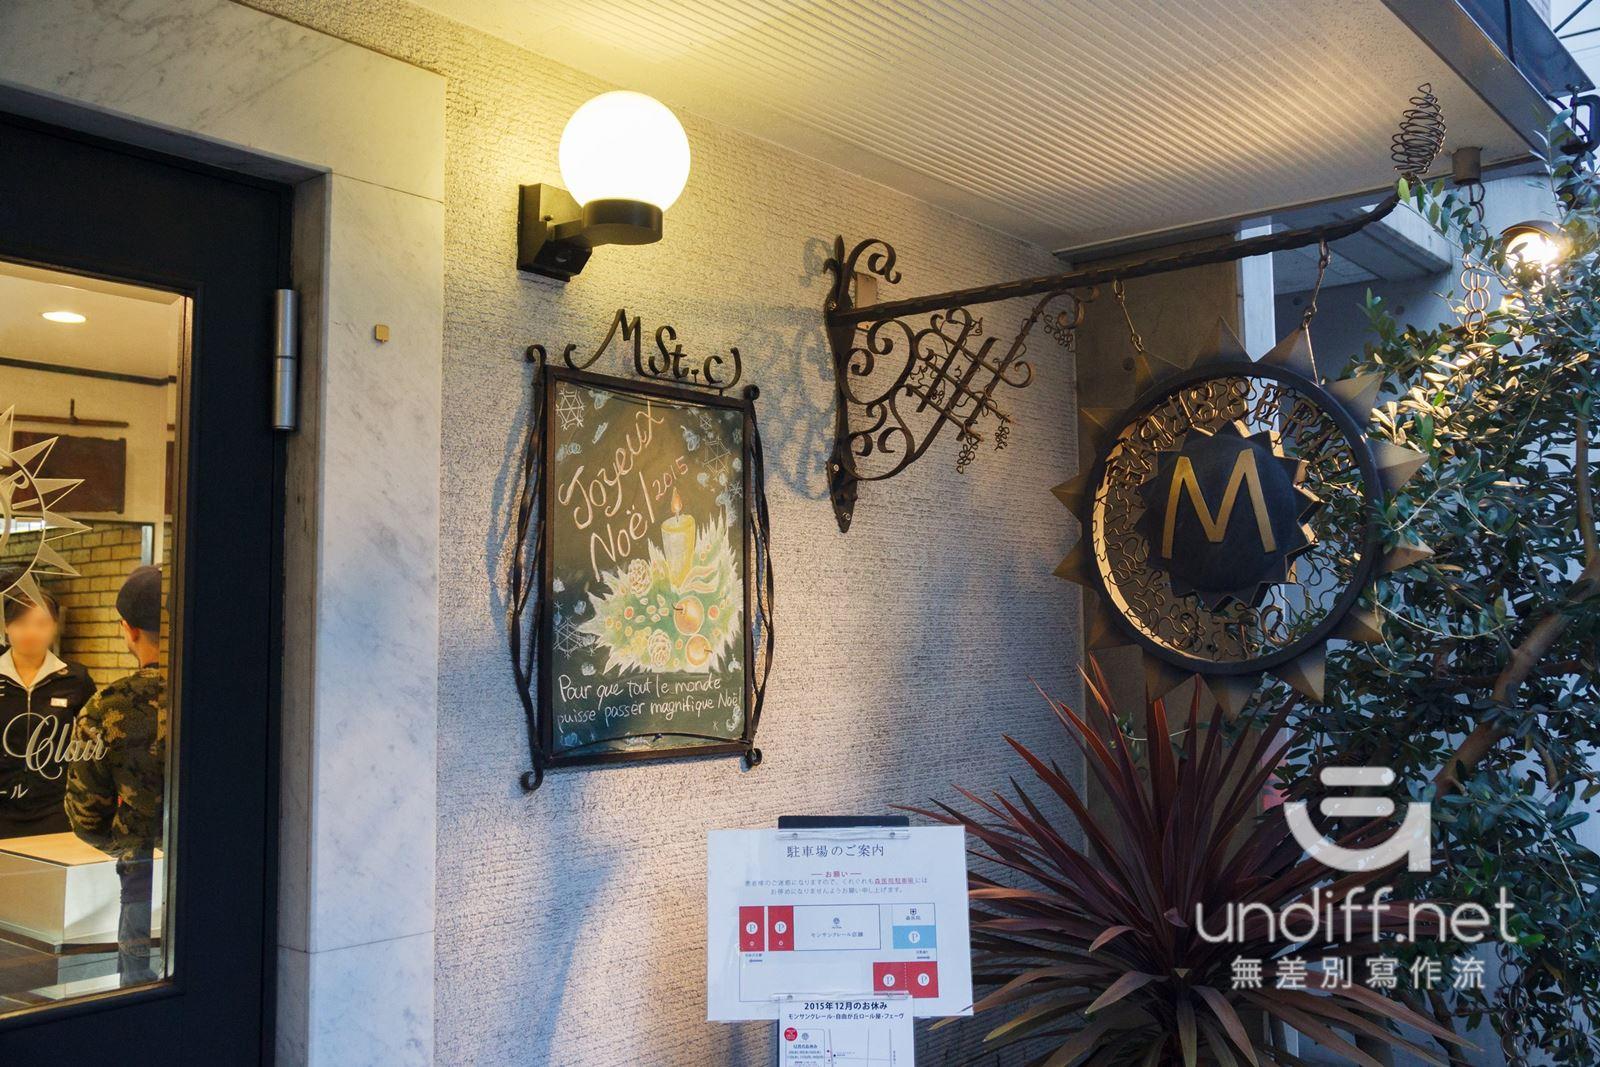 【東京美食】自由之丘 Mont St. Clair 》名不虛傳的人氣甜點名店 6